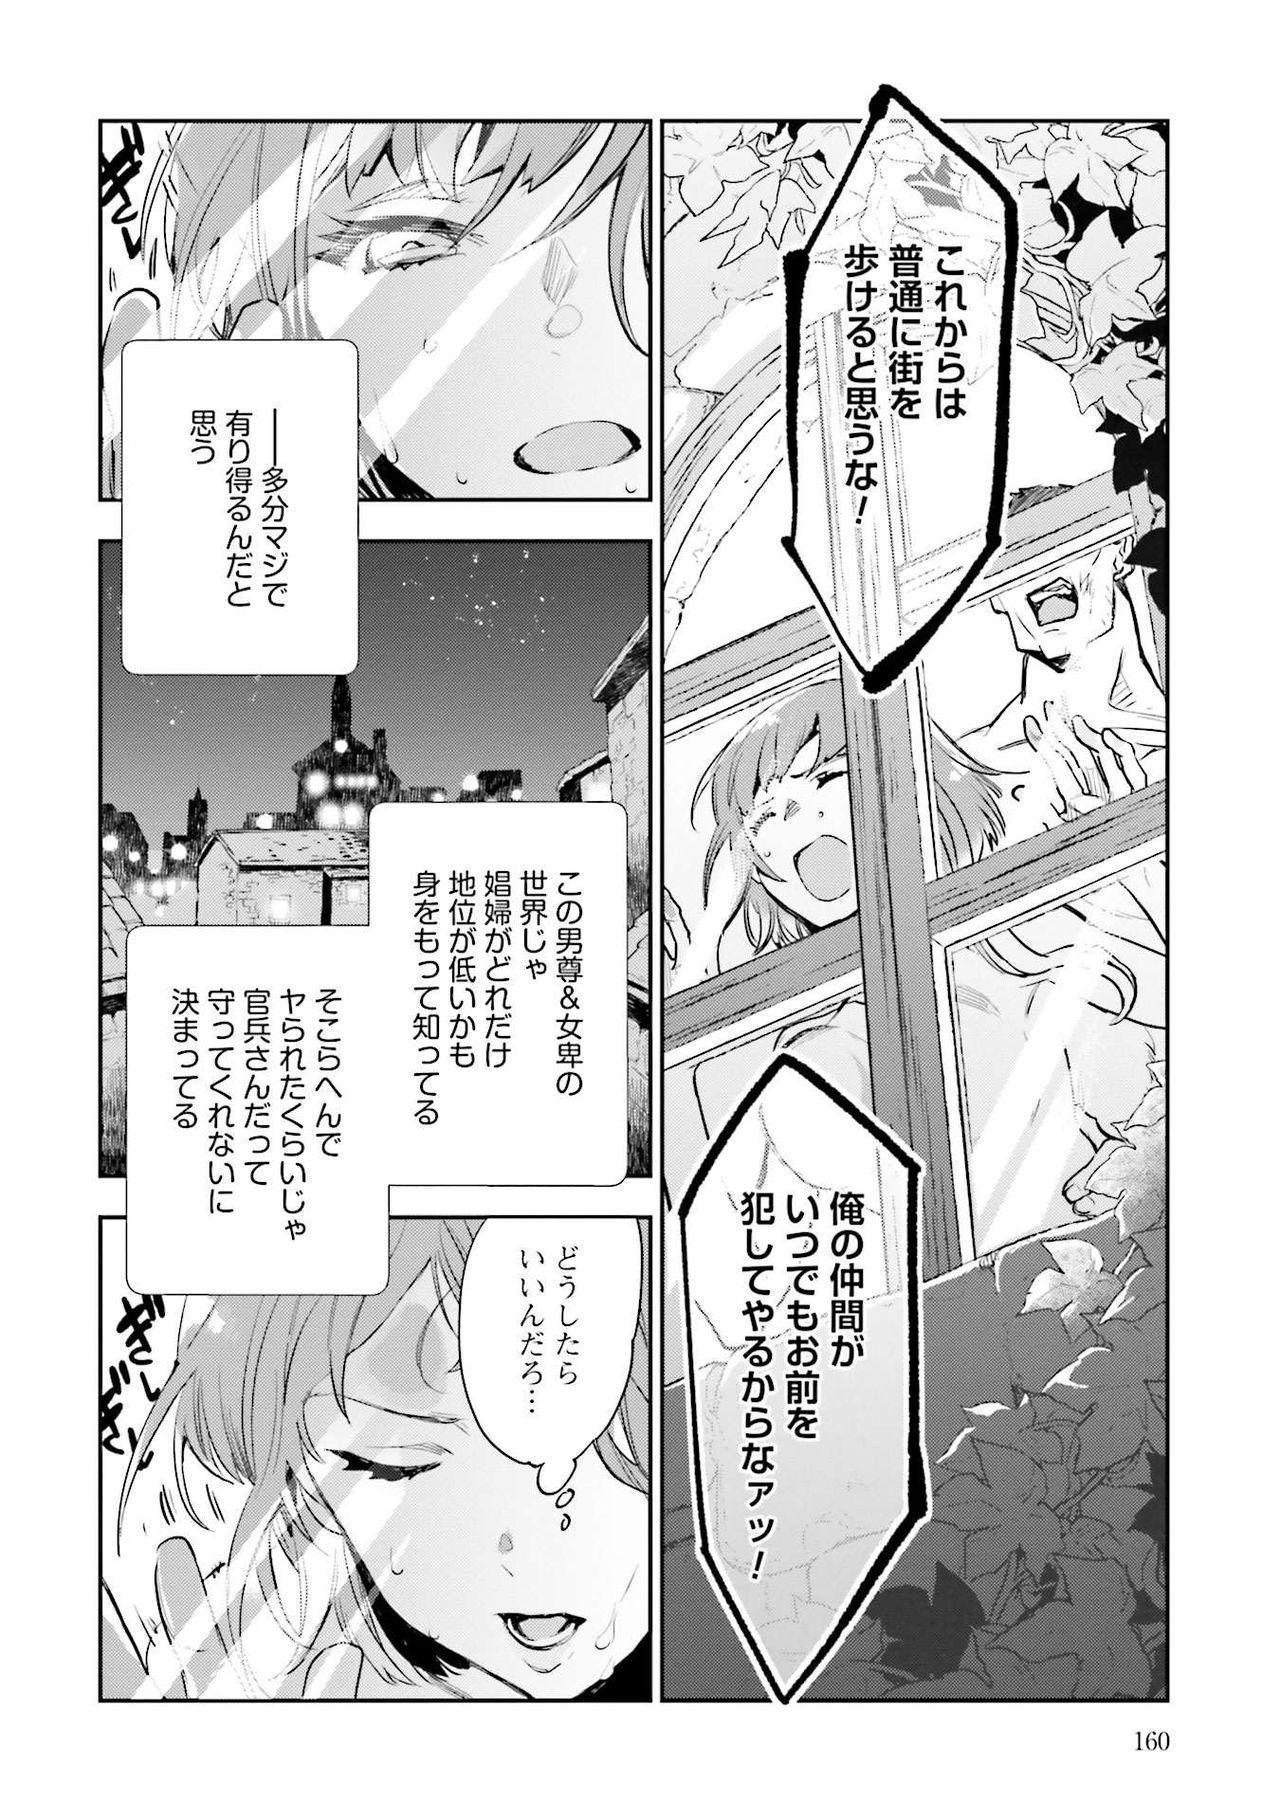 JK Haru wa Isekai de Shoufu ni Natta 1-14 161